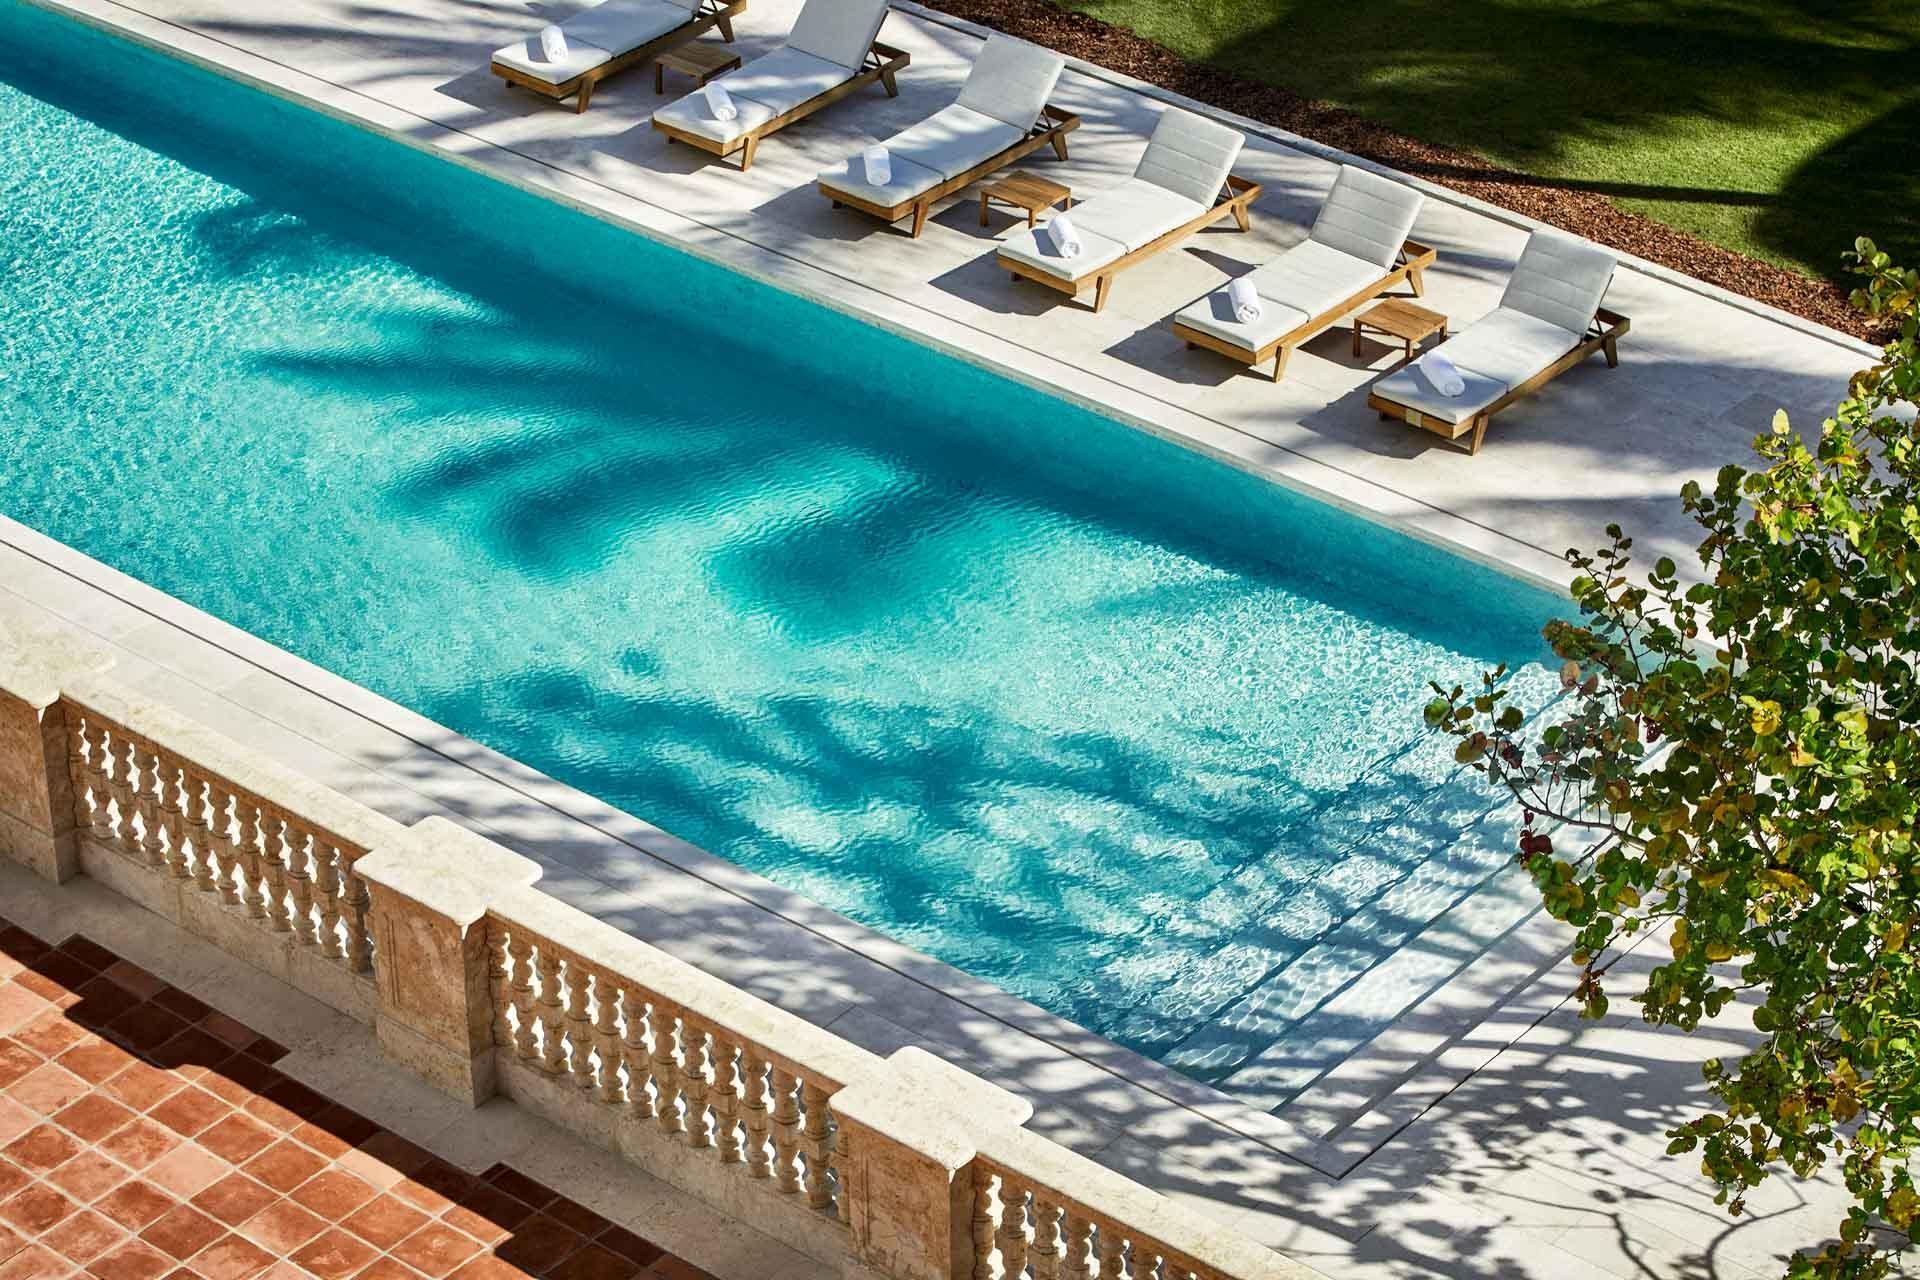 Lieu de villégiature chic, le Four Seasons Hotel at The Surf Club compte pas moins de 3 piscines...